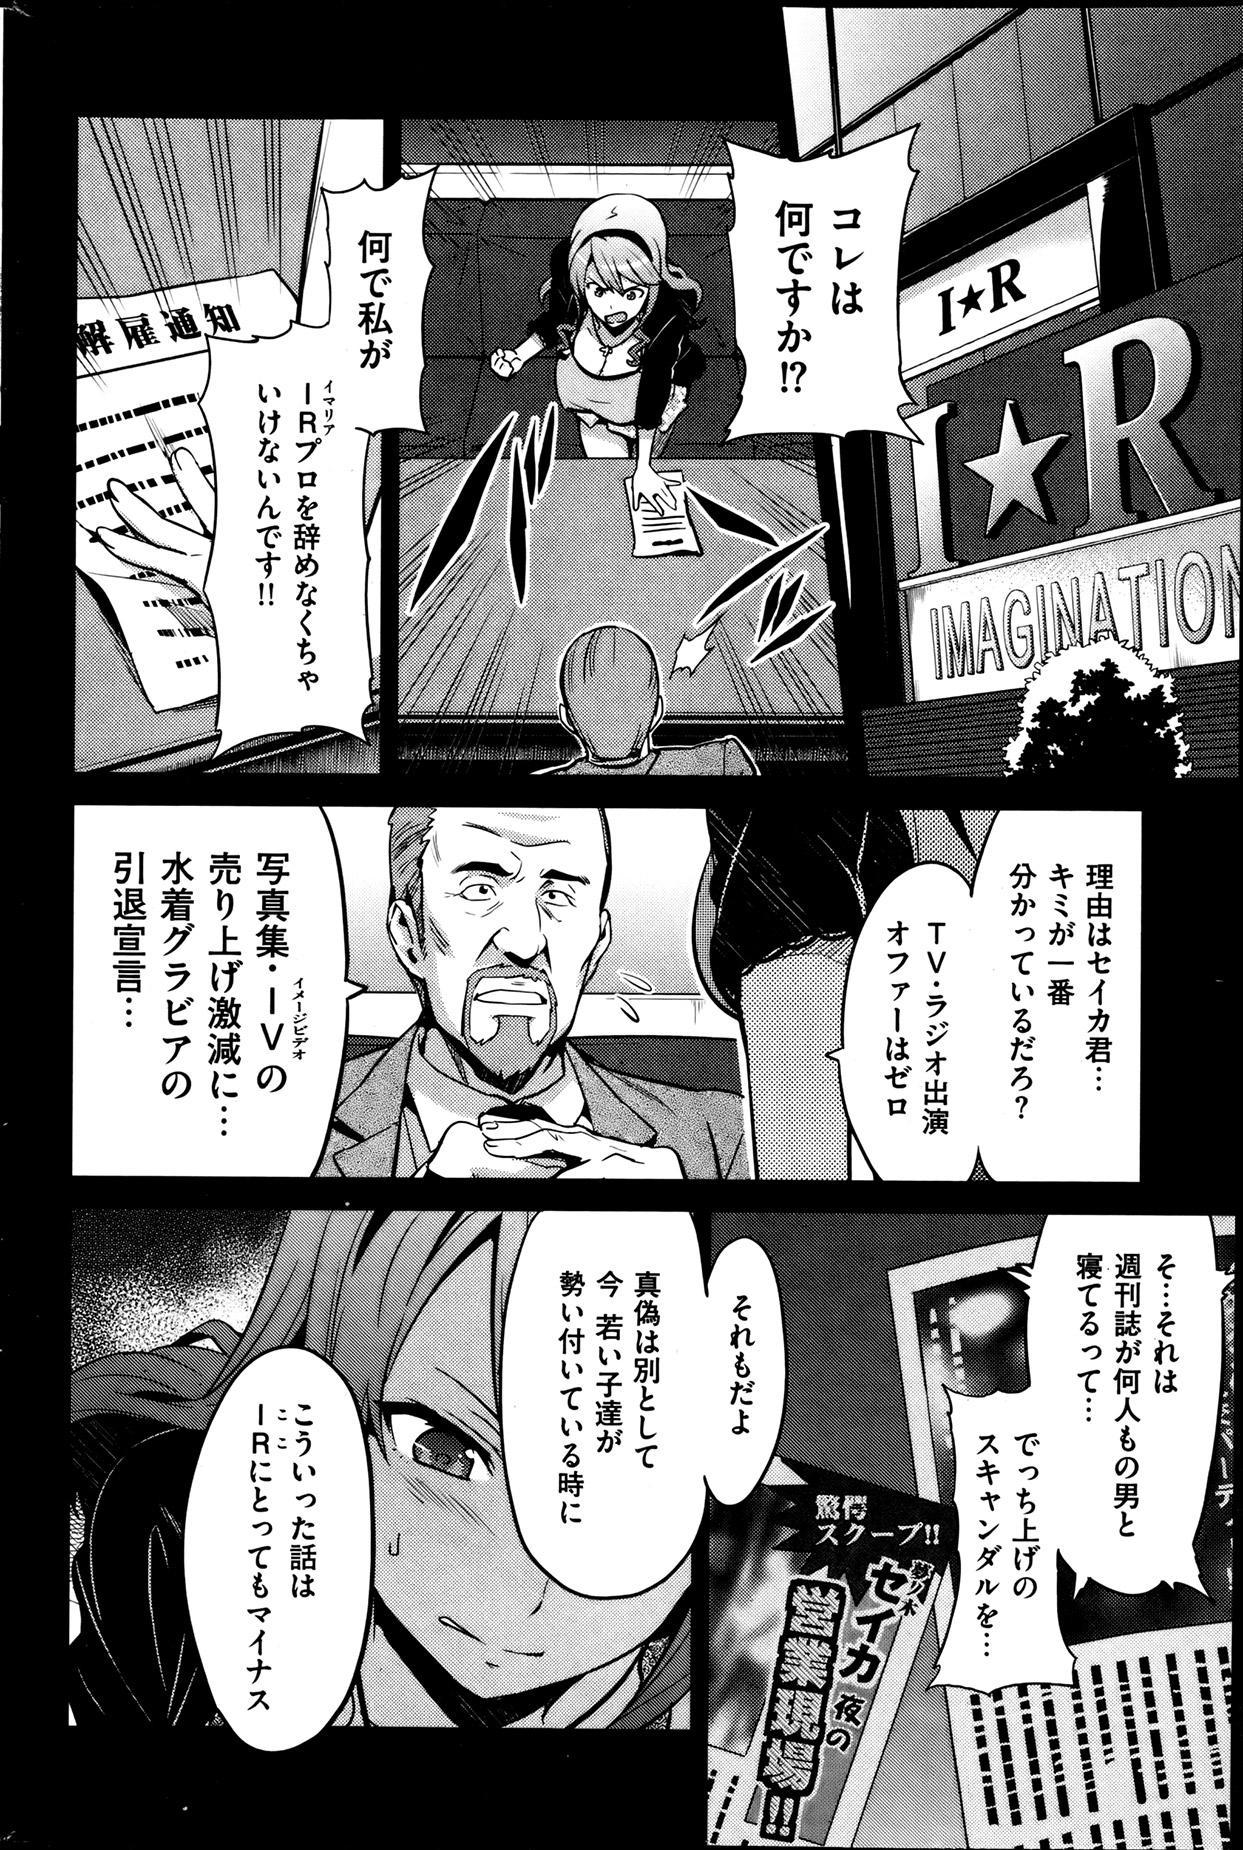 COMIC HANA-MAN 2013-08 Takeda Hiromitsu Tokushuu 191